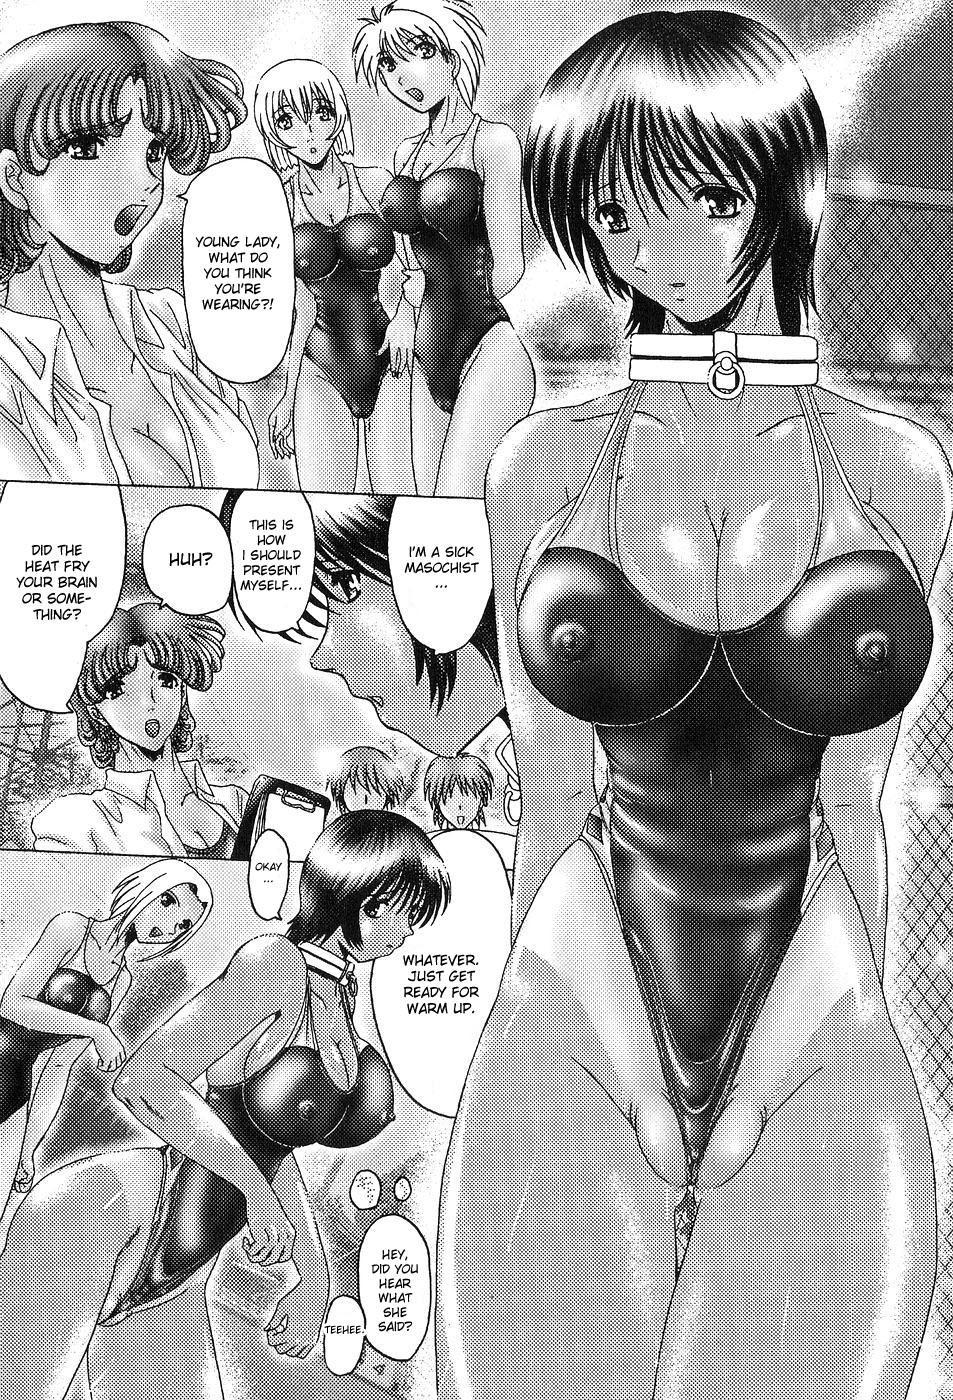 [Onibara] Roshutsu Mazo to Nikutai Joousama - Queen & Slave Ch. 1-5 [English] [desudesu] 29